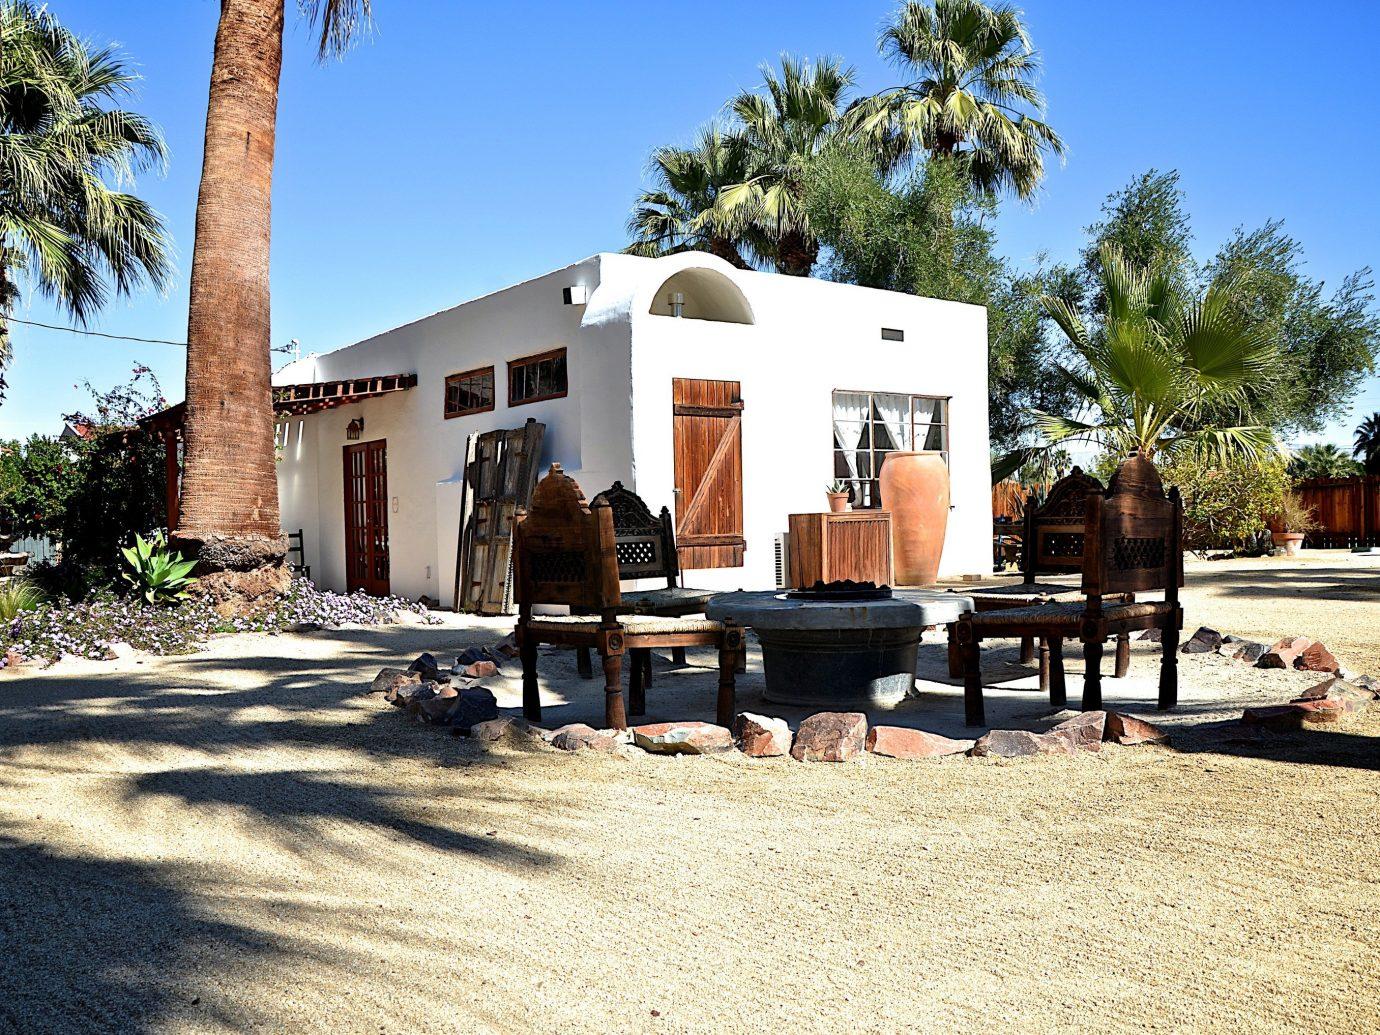 Exterior of Korakia Pensione, Palm Springs California